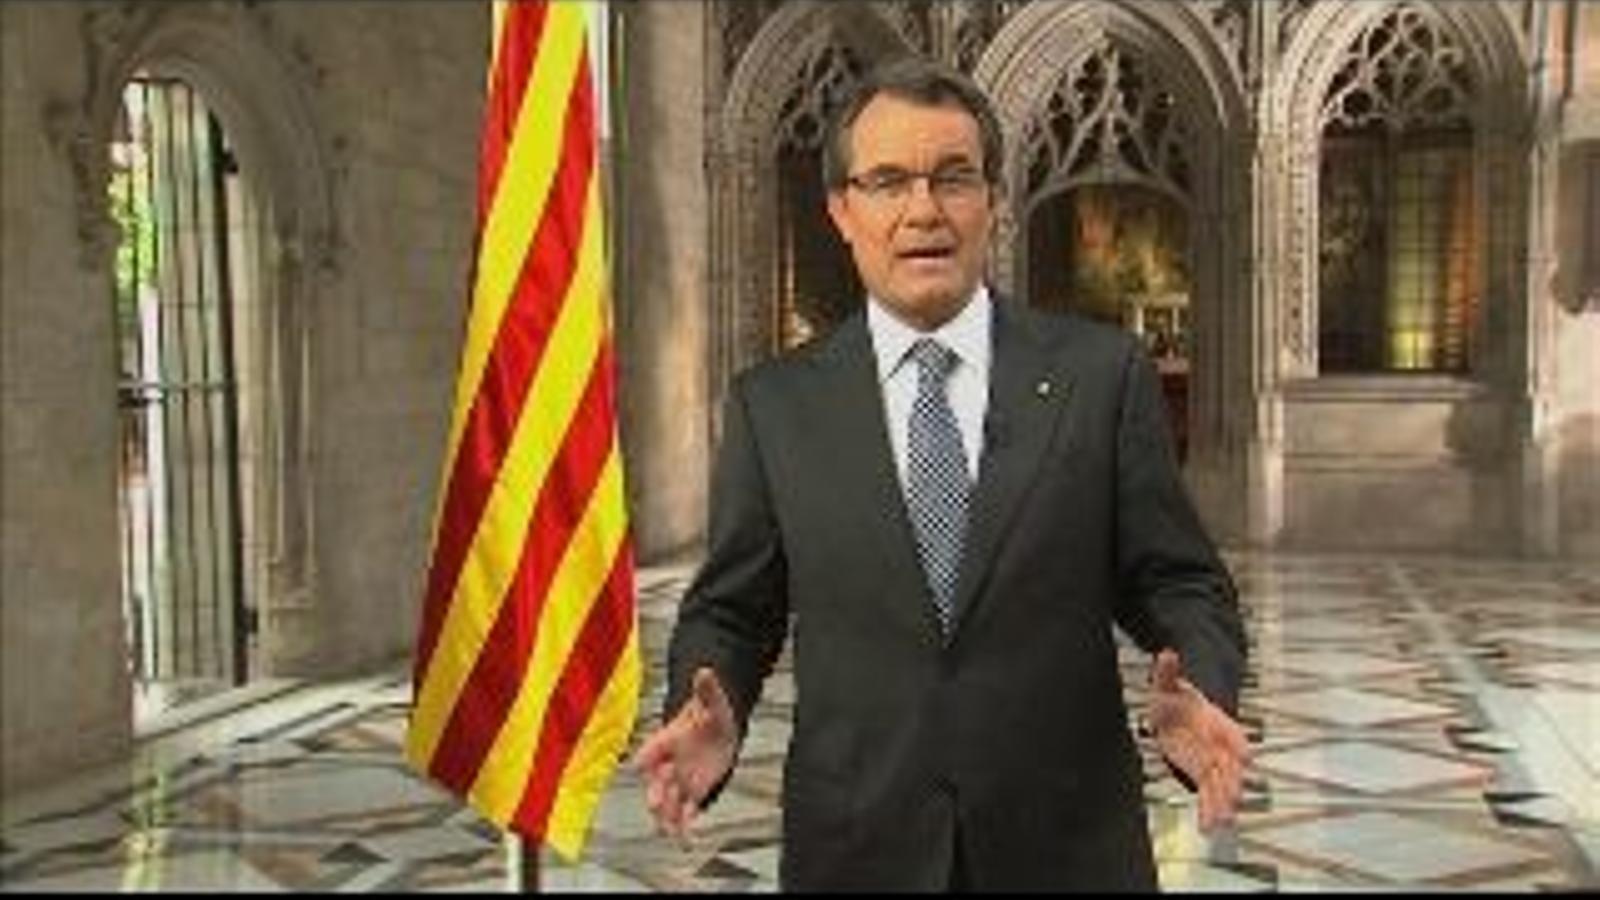 Missatge del president de la Generalitat, Artur Mas, per la Diada de 2012